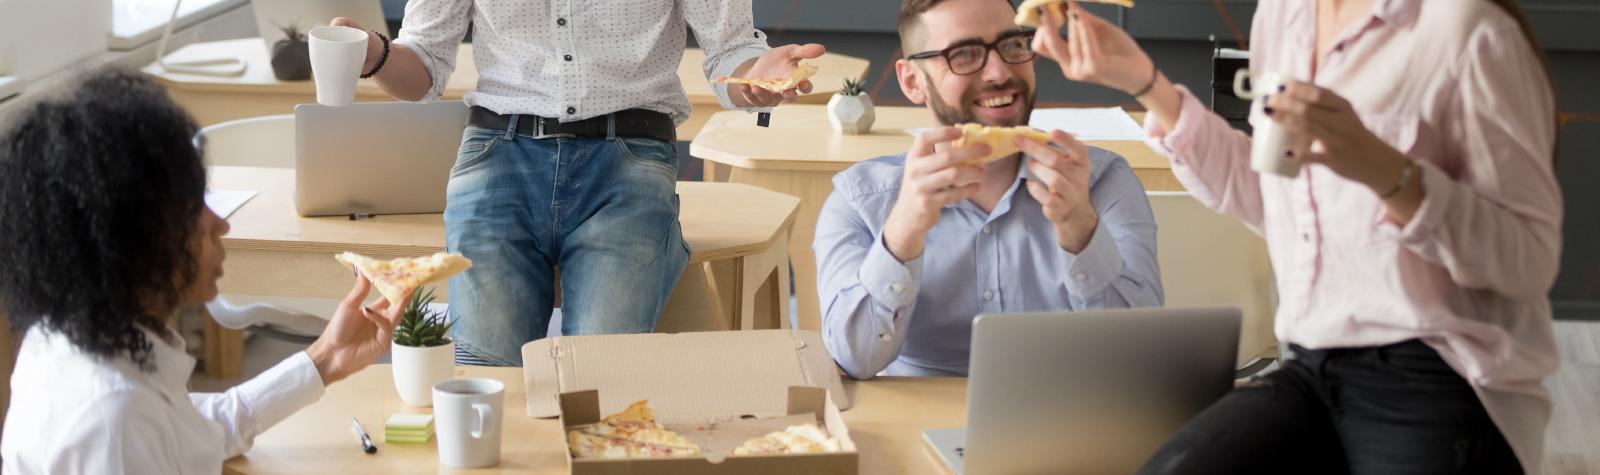 Breakroom Design – Is it Employee Friendly?